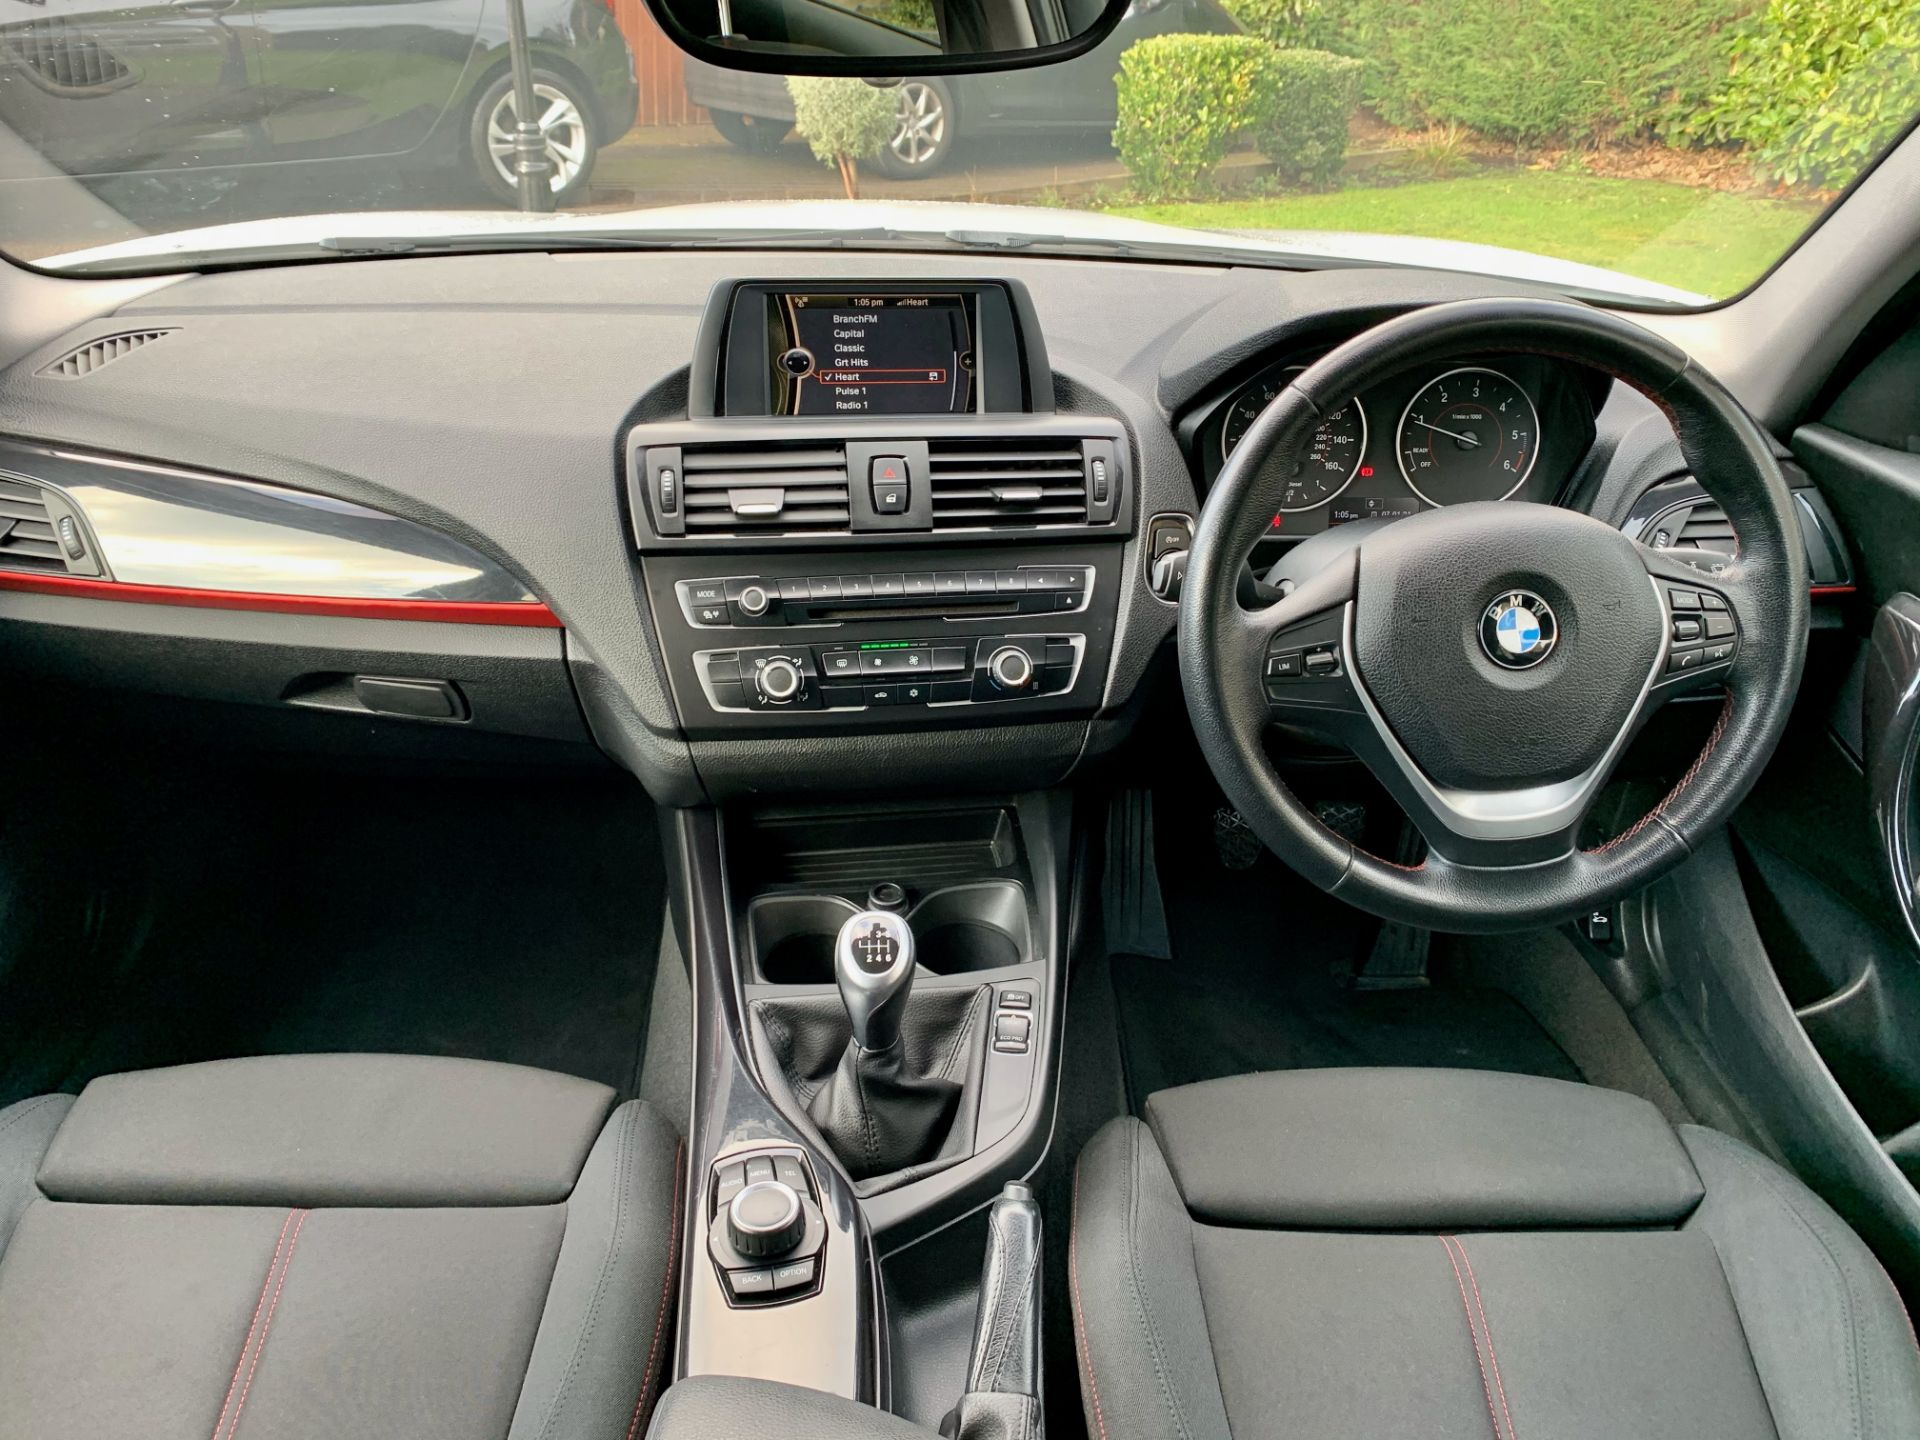 BMW 116D SPORT 2.0 (1995cc) 5 door hatchback - diesel - white Reg. No: YF12 YRZ Rec. - Image 5 of 19